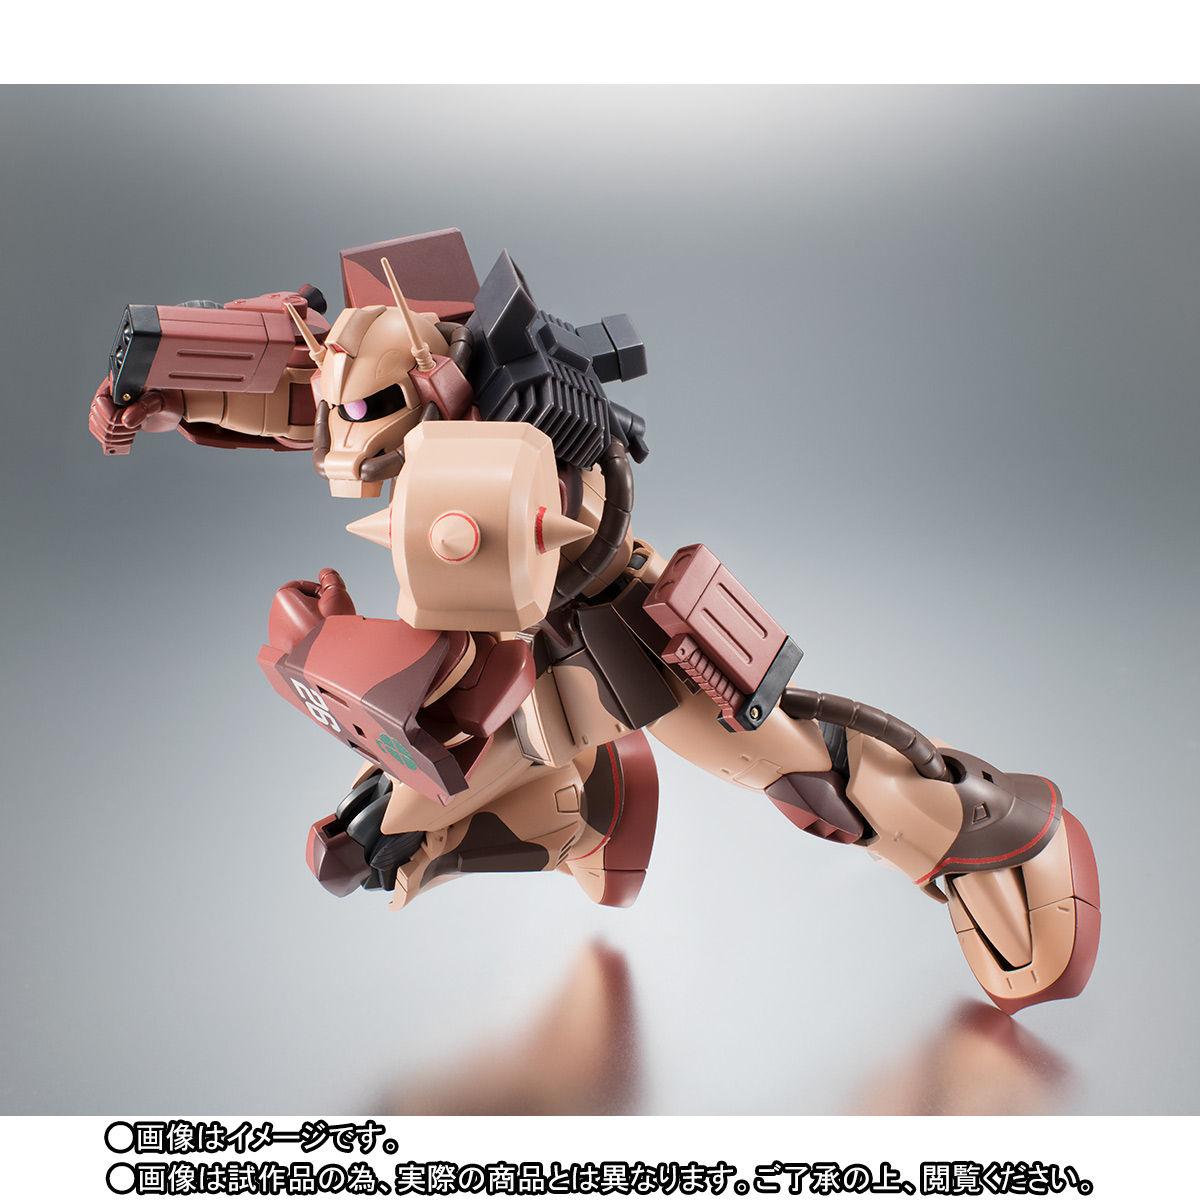 ROBOT魂〈SIDE MS〉『MS-06D ザク・デザートタイプ カラカル隊所属機』ガンダム モビルスーツバリエーション(MSV)可動フィギュア-006